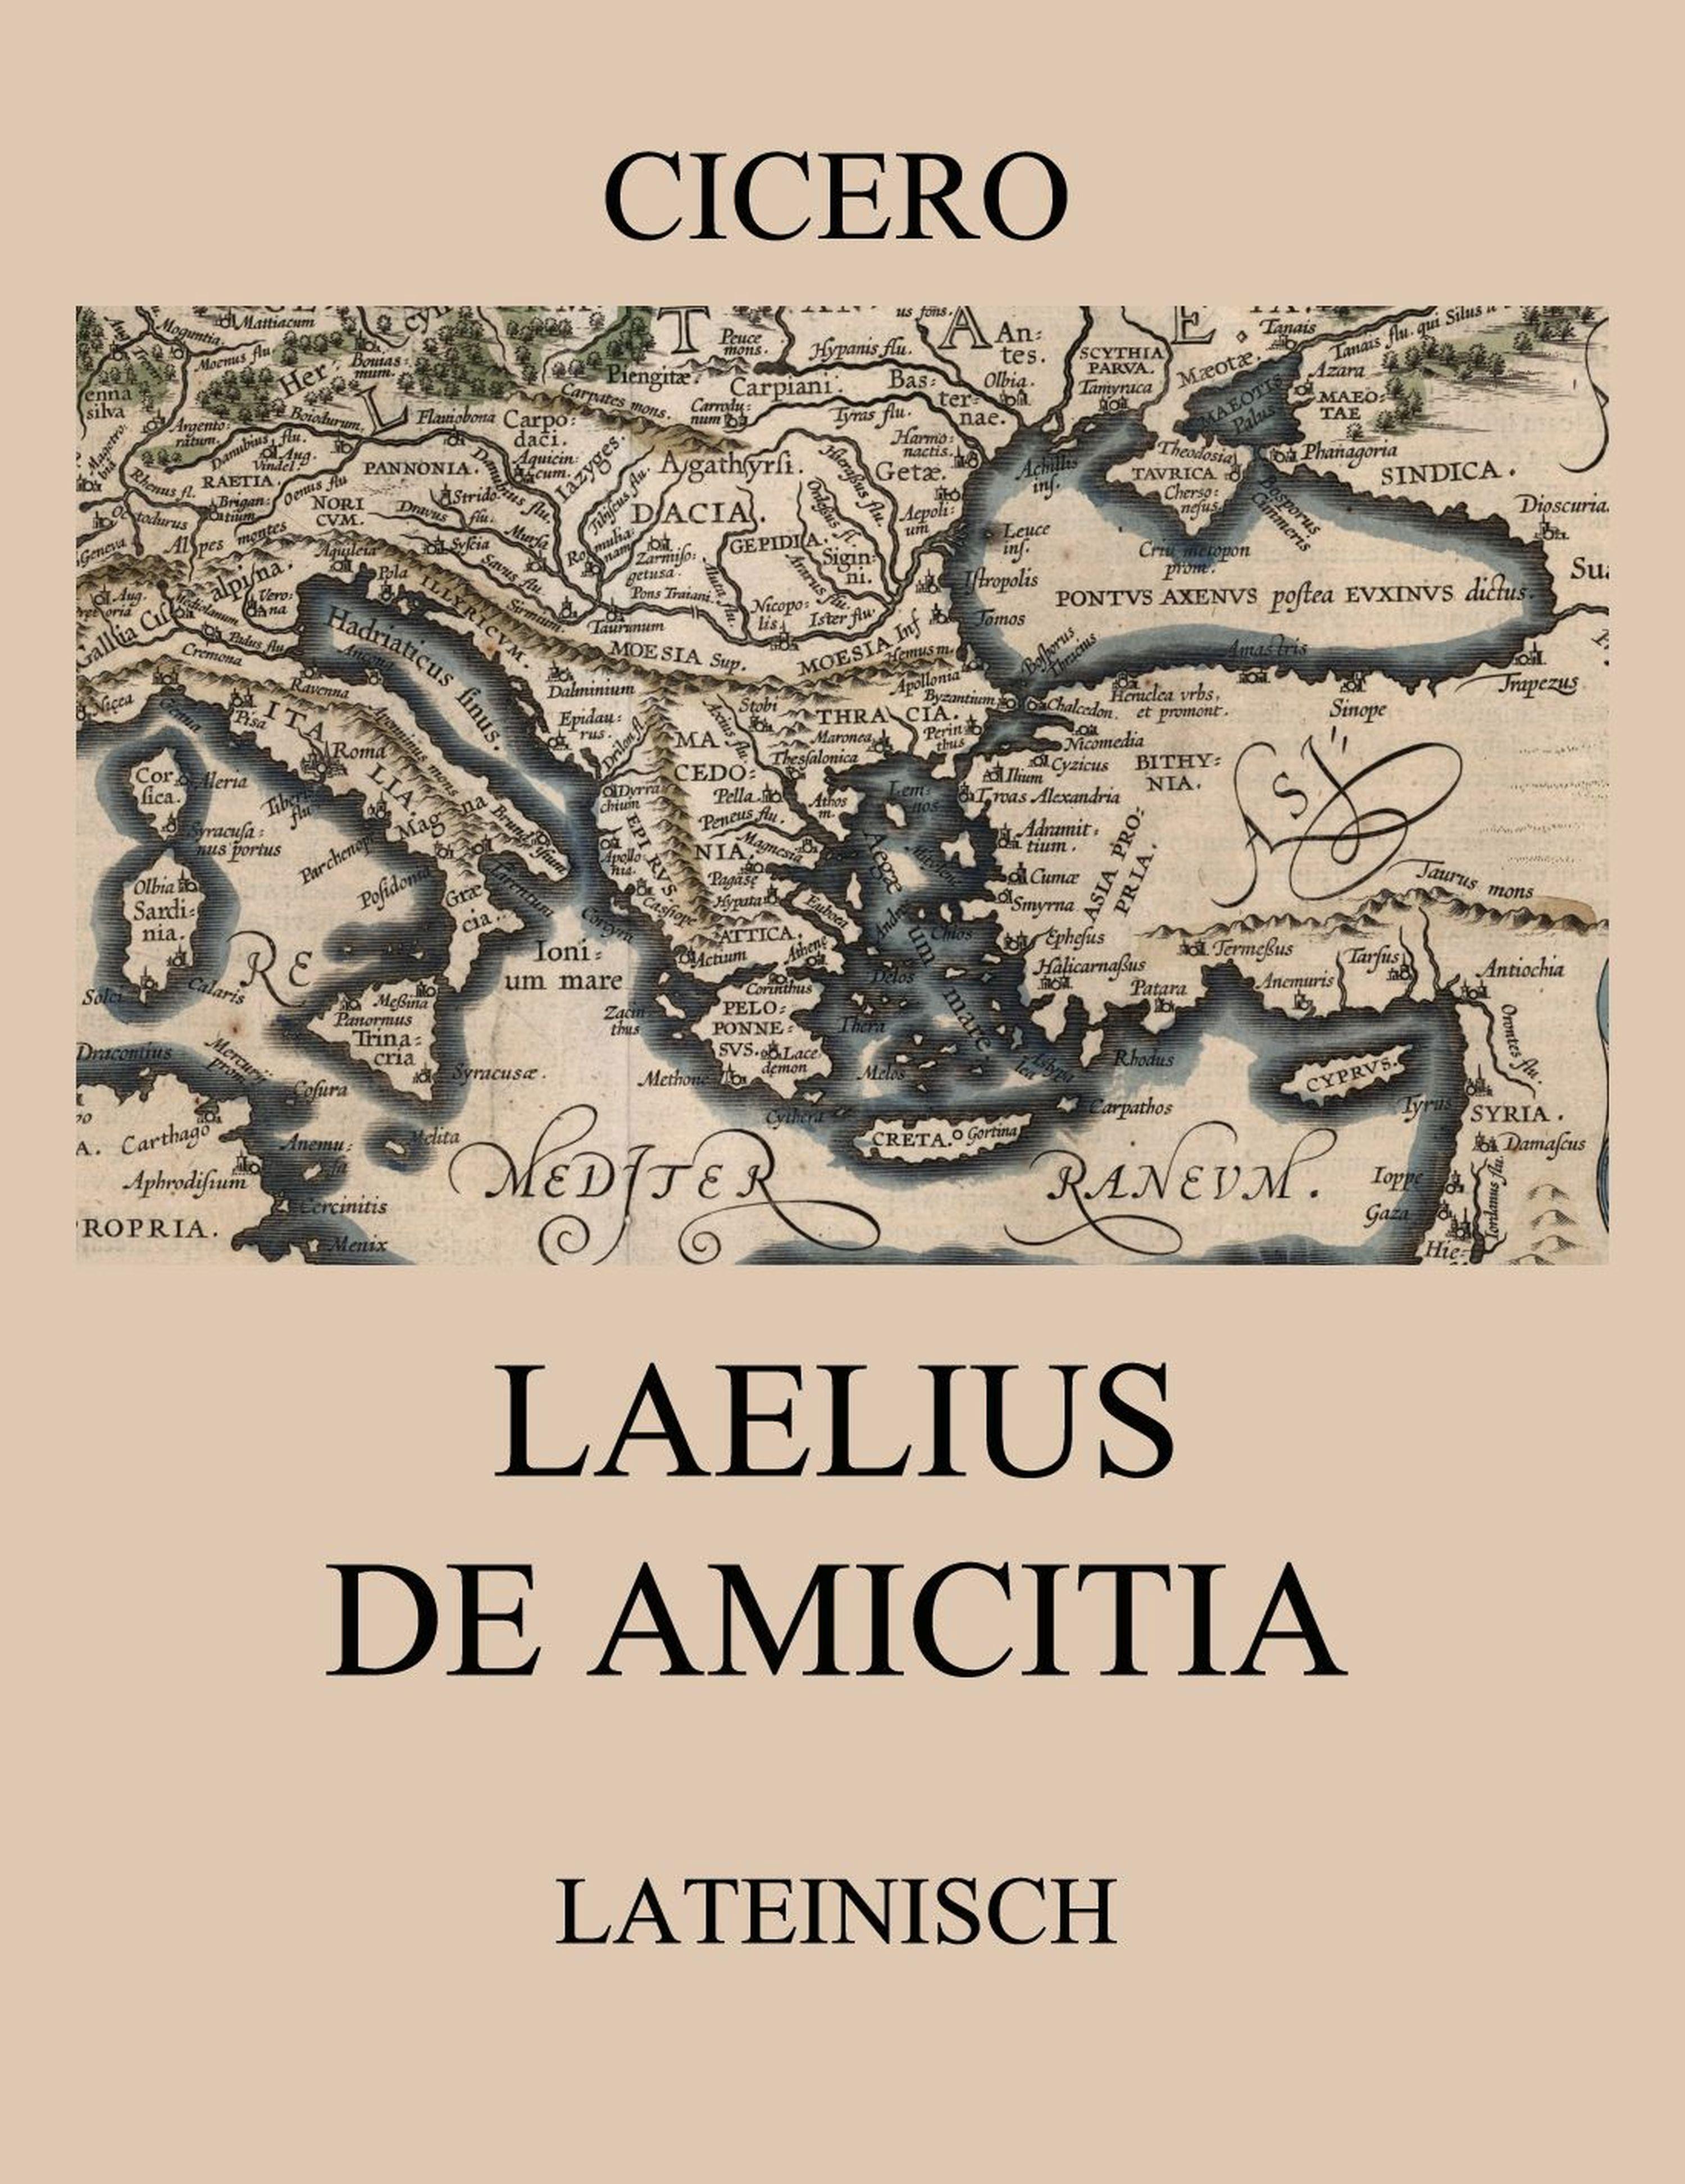 цены Cicero Laelius de amicitia